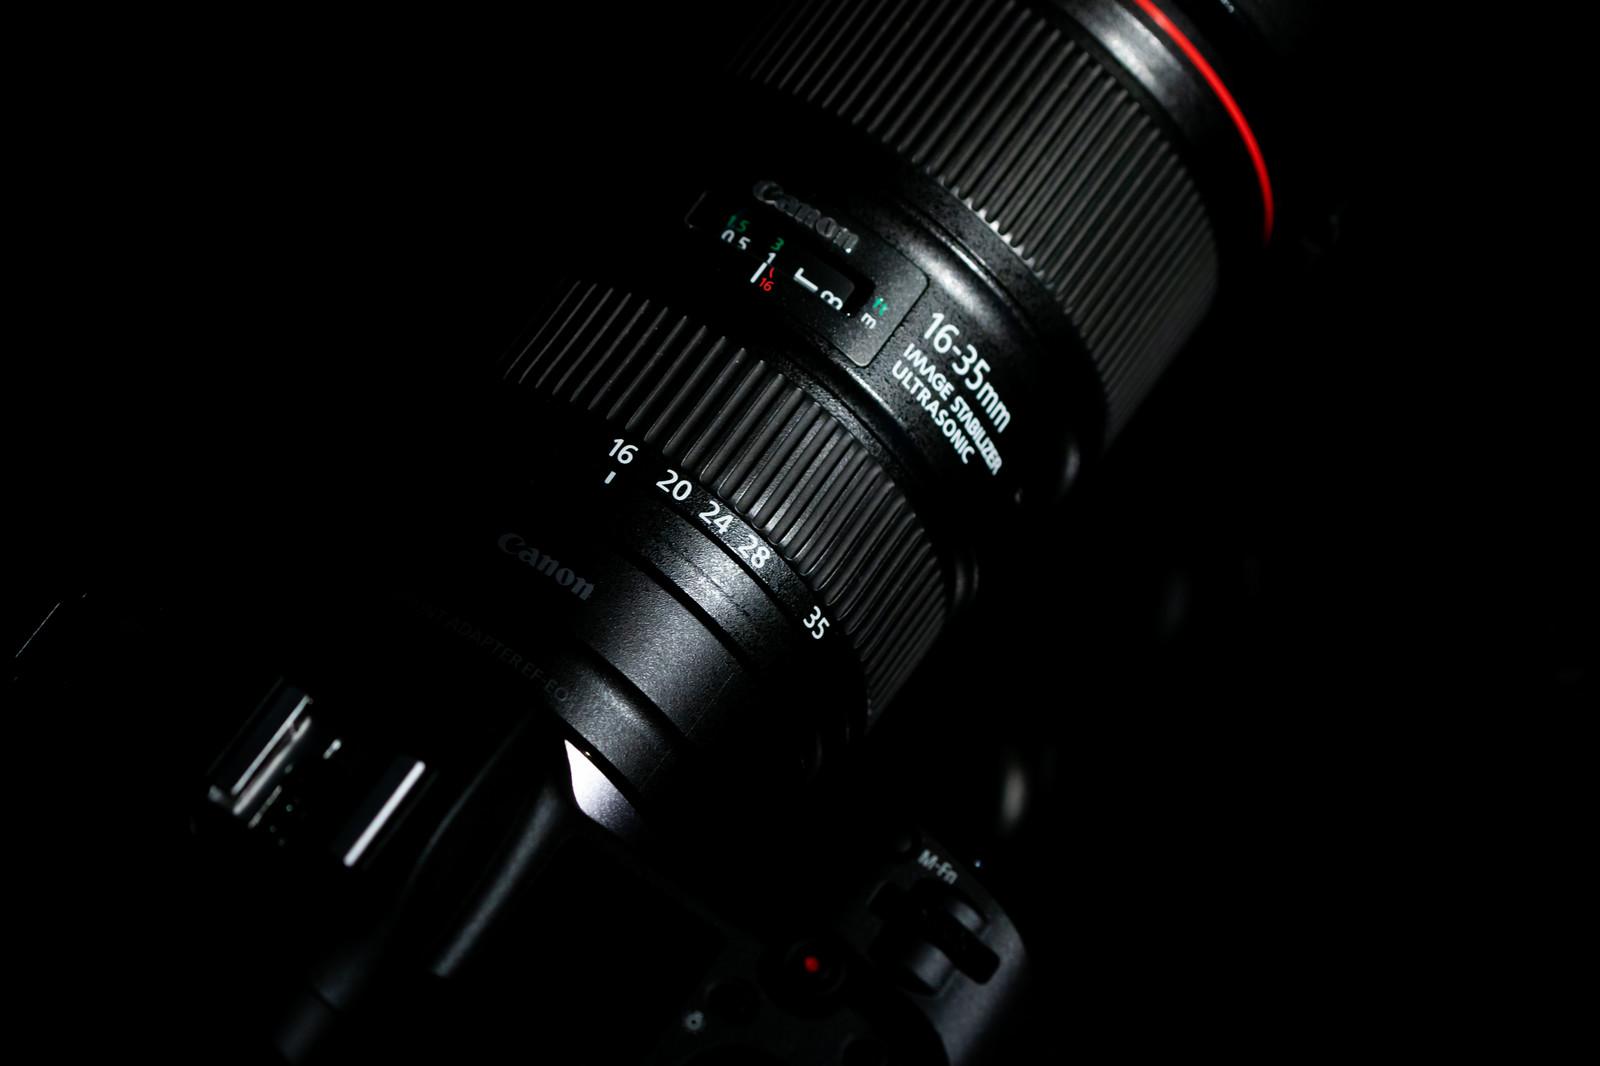 【カメラ】キヤノンのフルサイズ用広角ズームレンズ比較